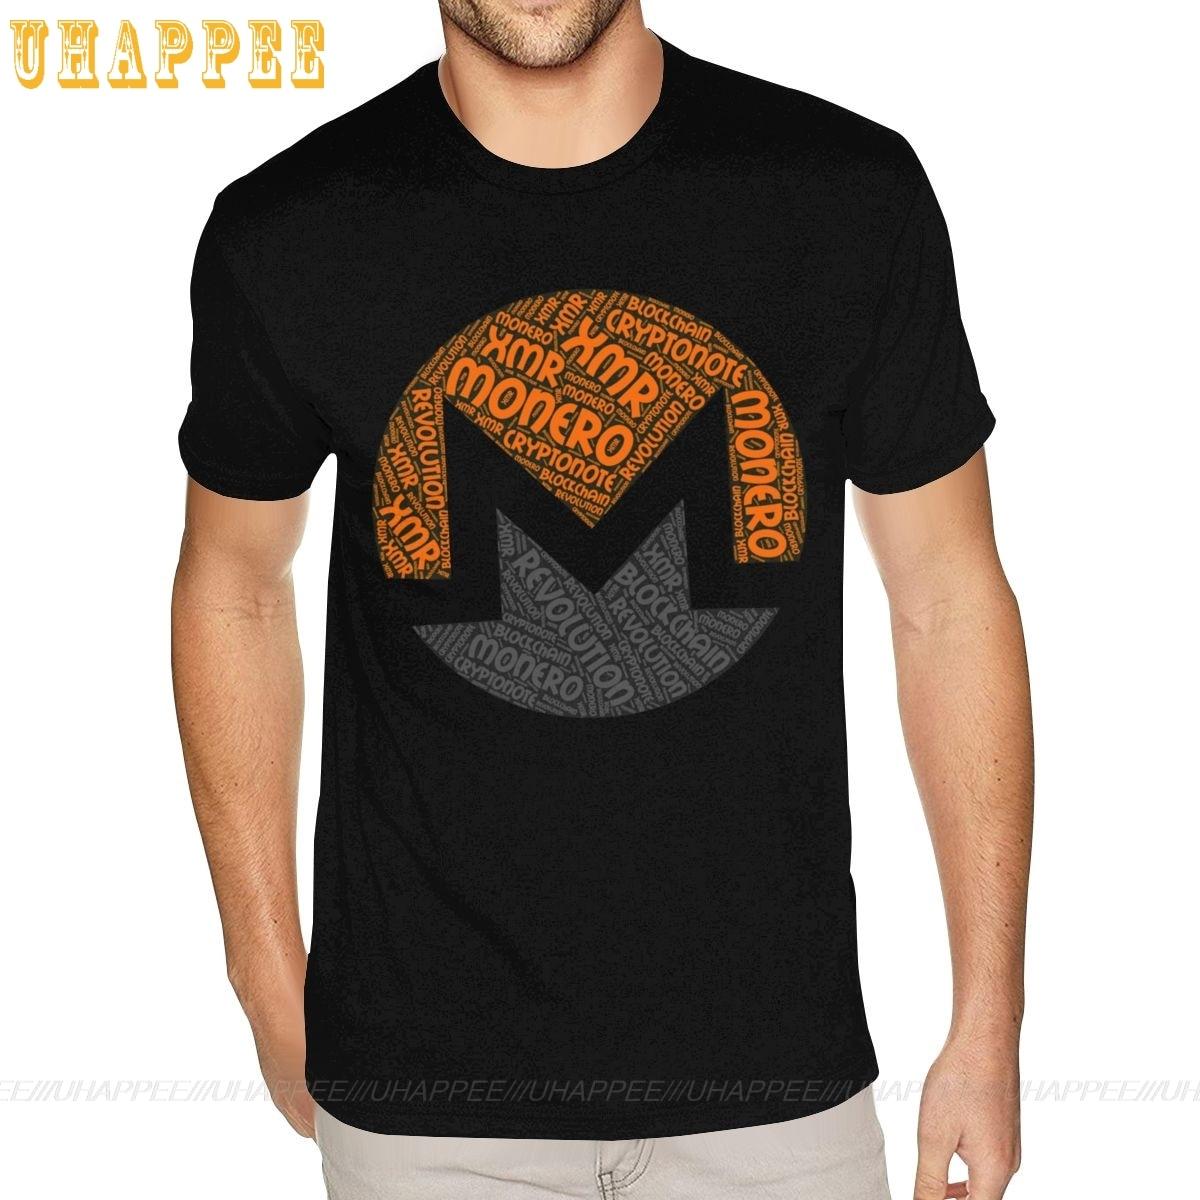 Милые футболки из хлопка с коротким рукавом и круглым вырезом для мужчин, черные футболки небольшого размера